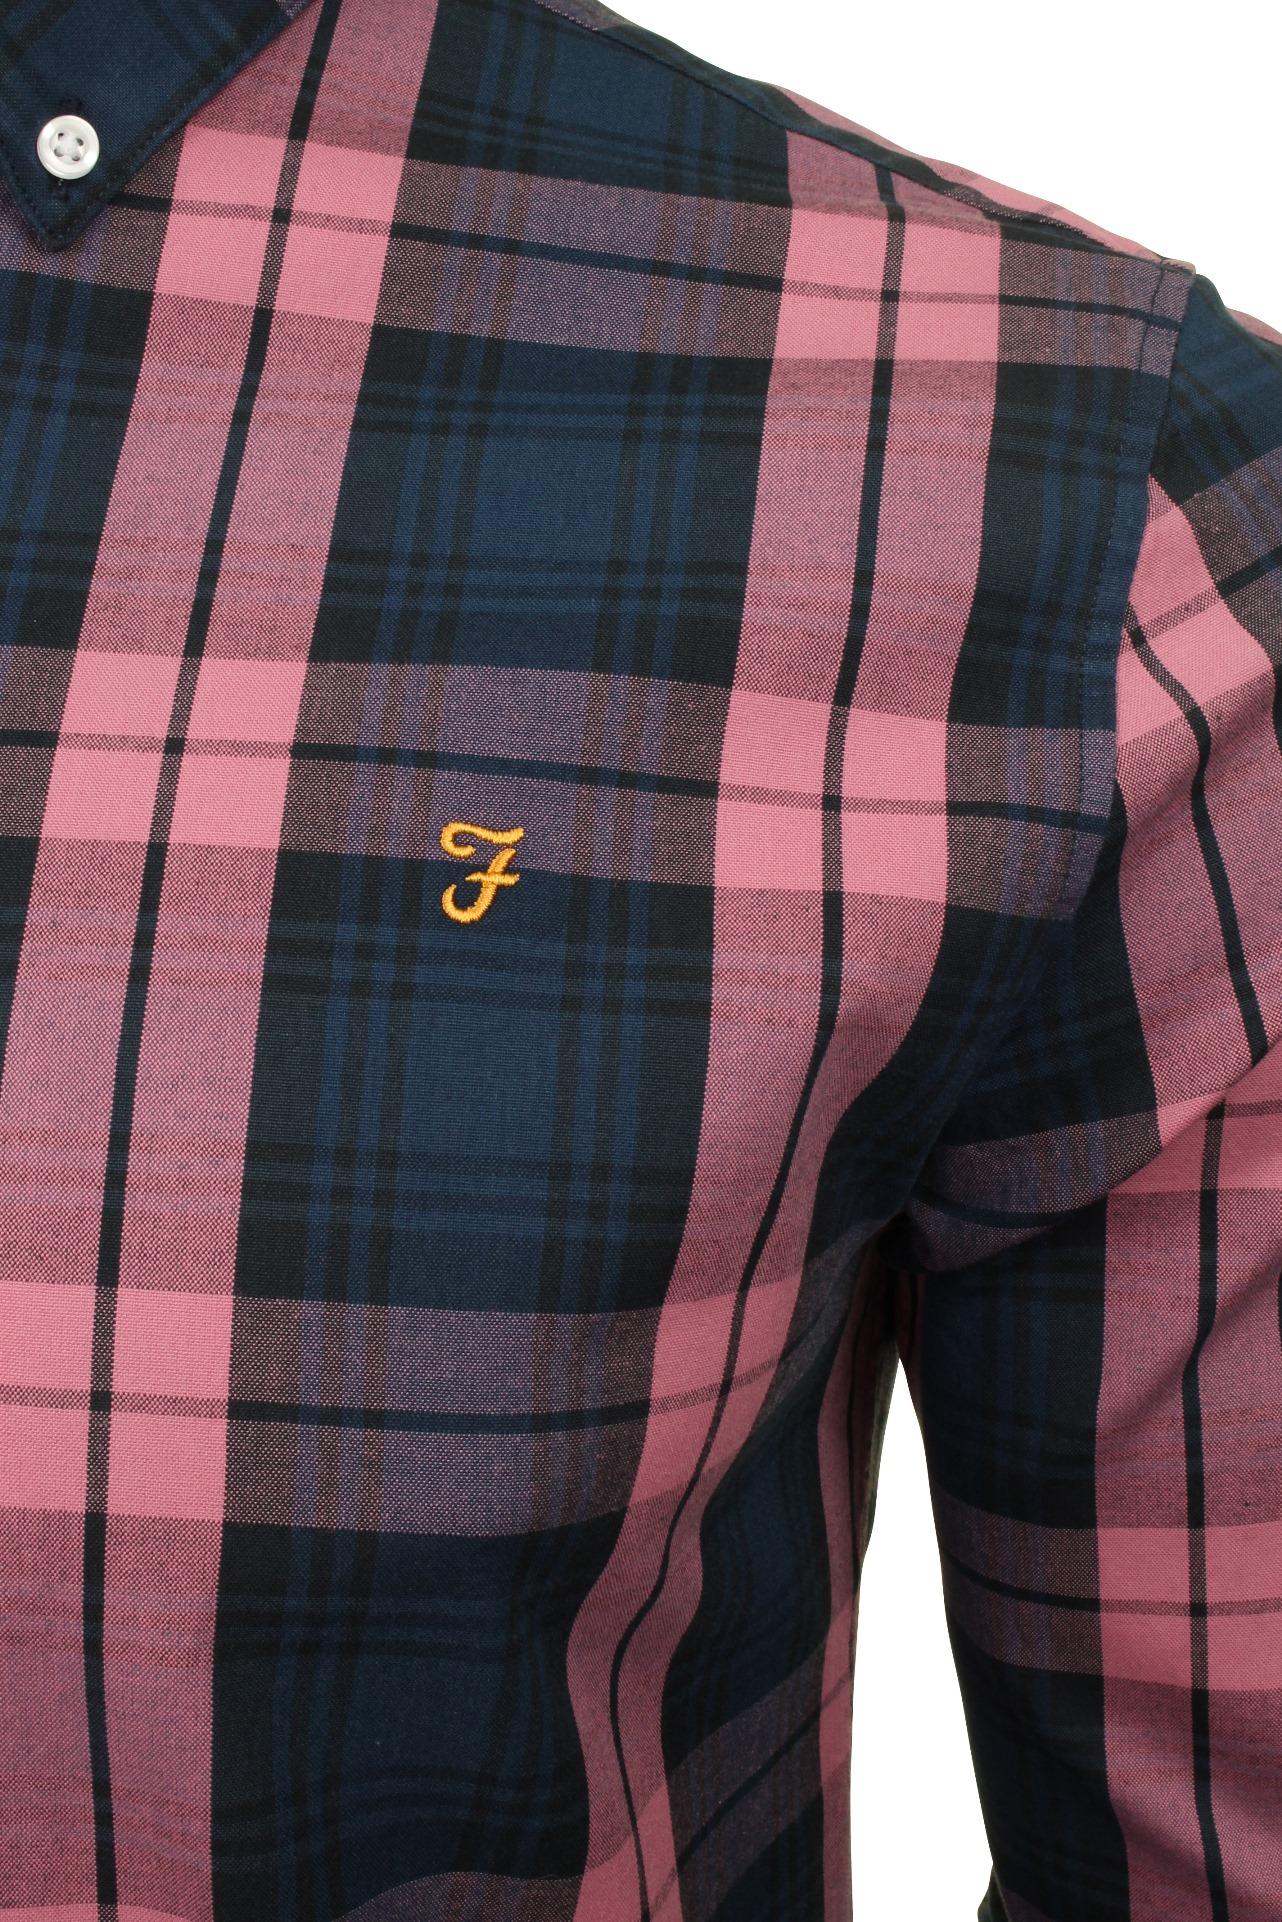 Farah-Mens-Check-Shirt-039-Brewer-Blackwatch-039-Long-Sleeved thumbnail 4